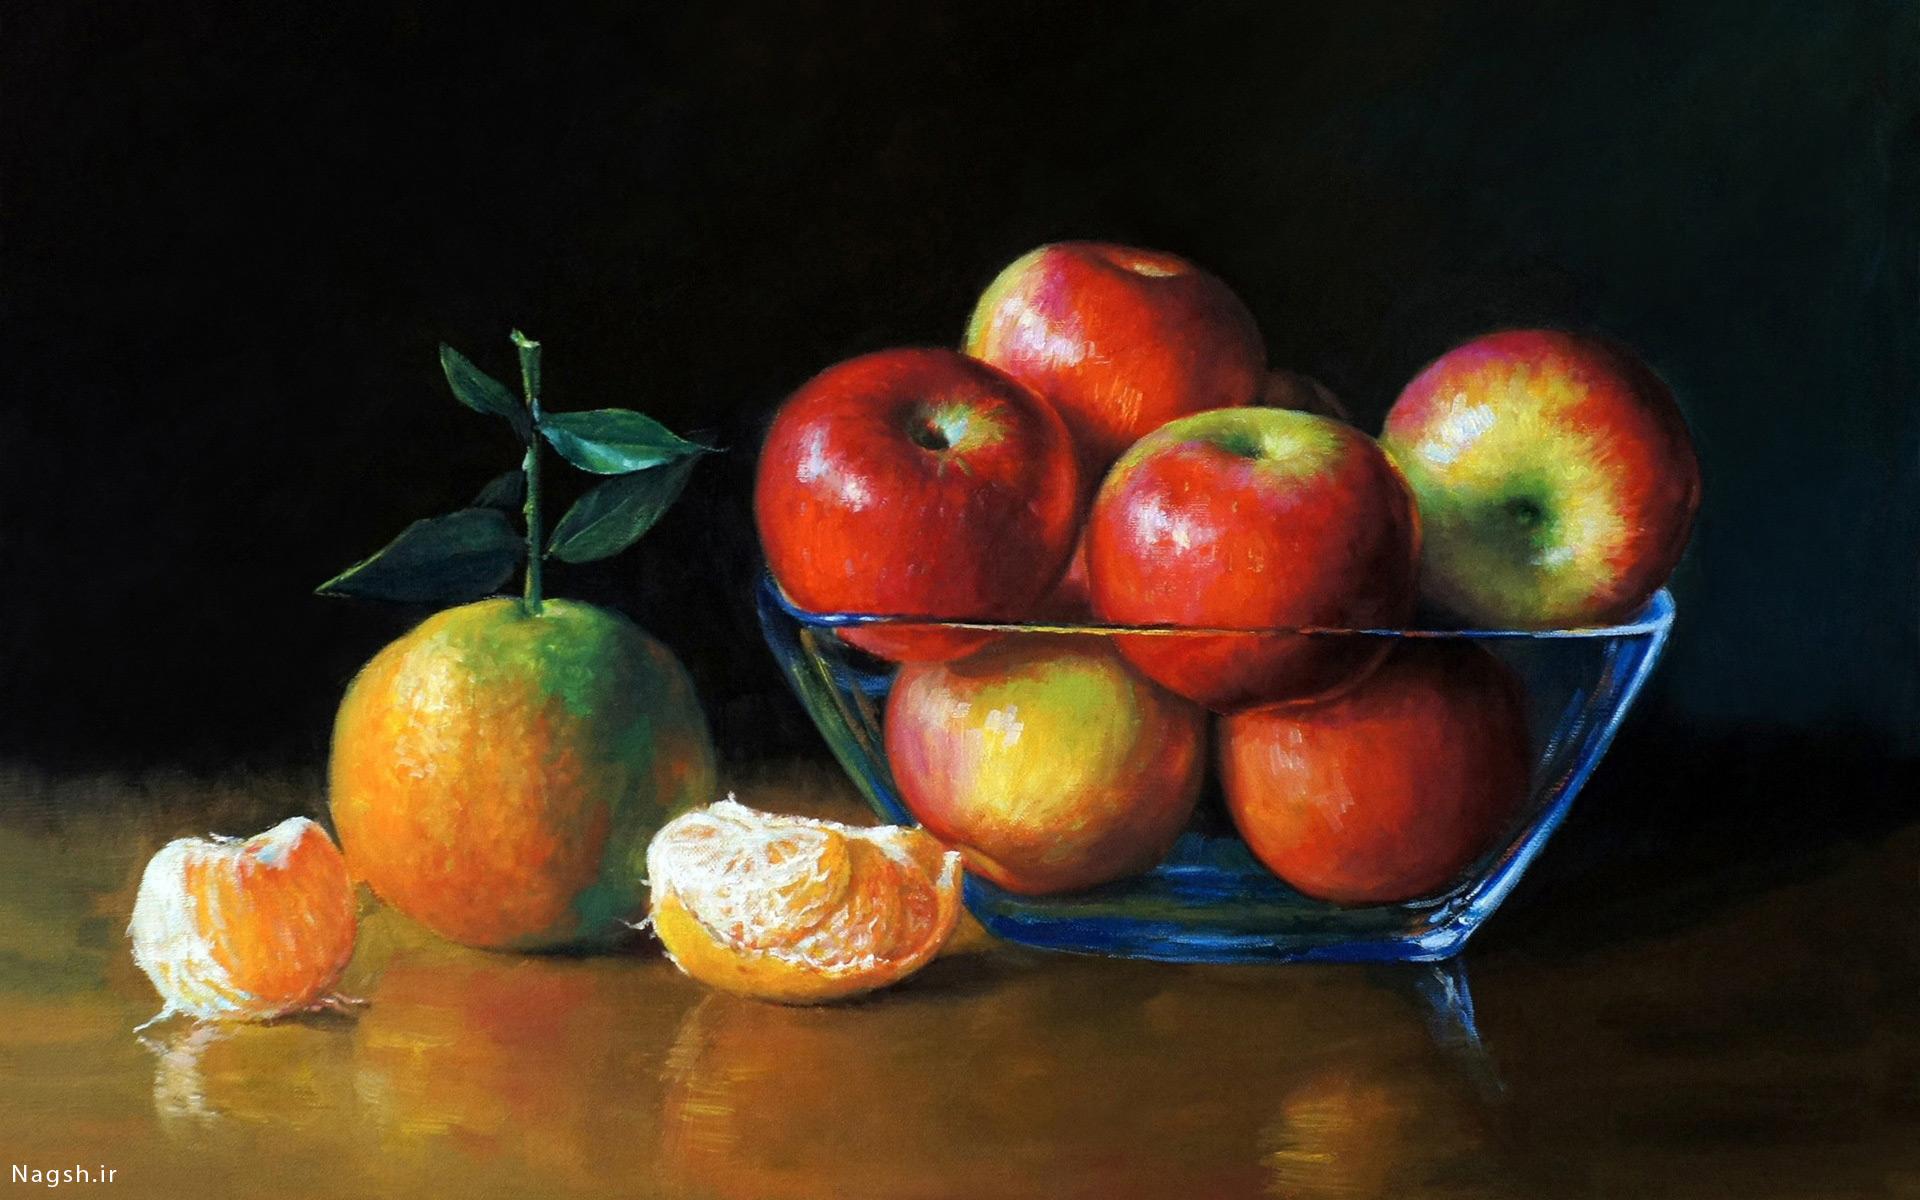 طراحی میوه های تازه